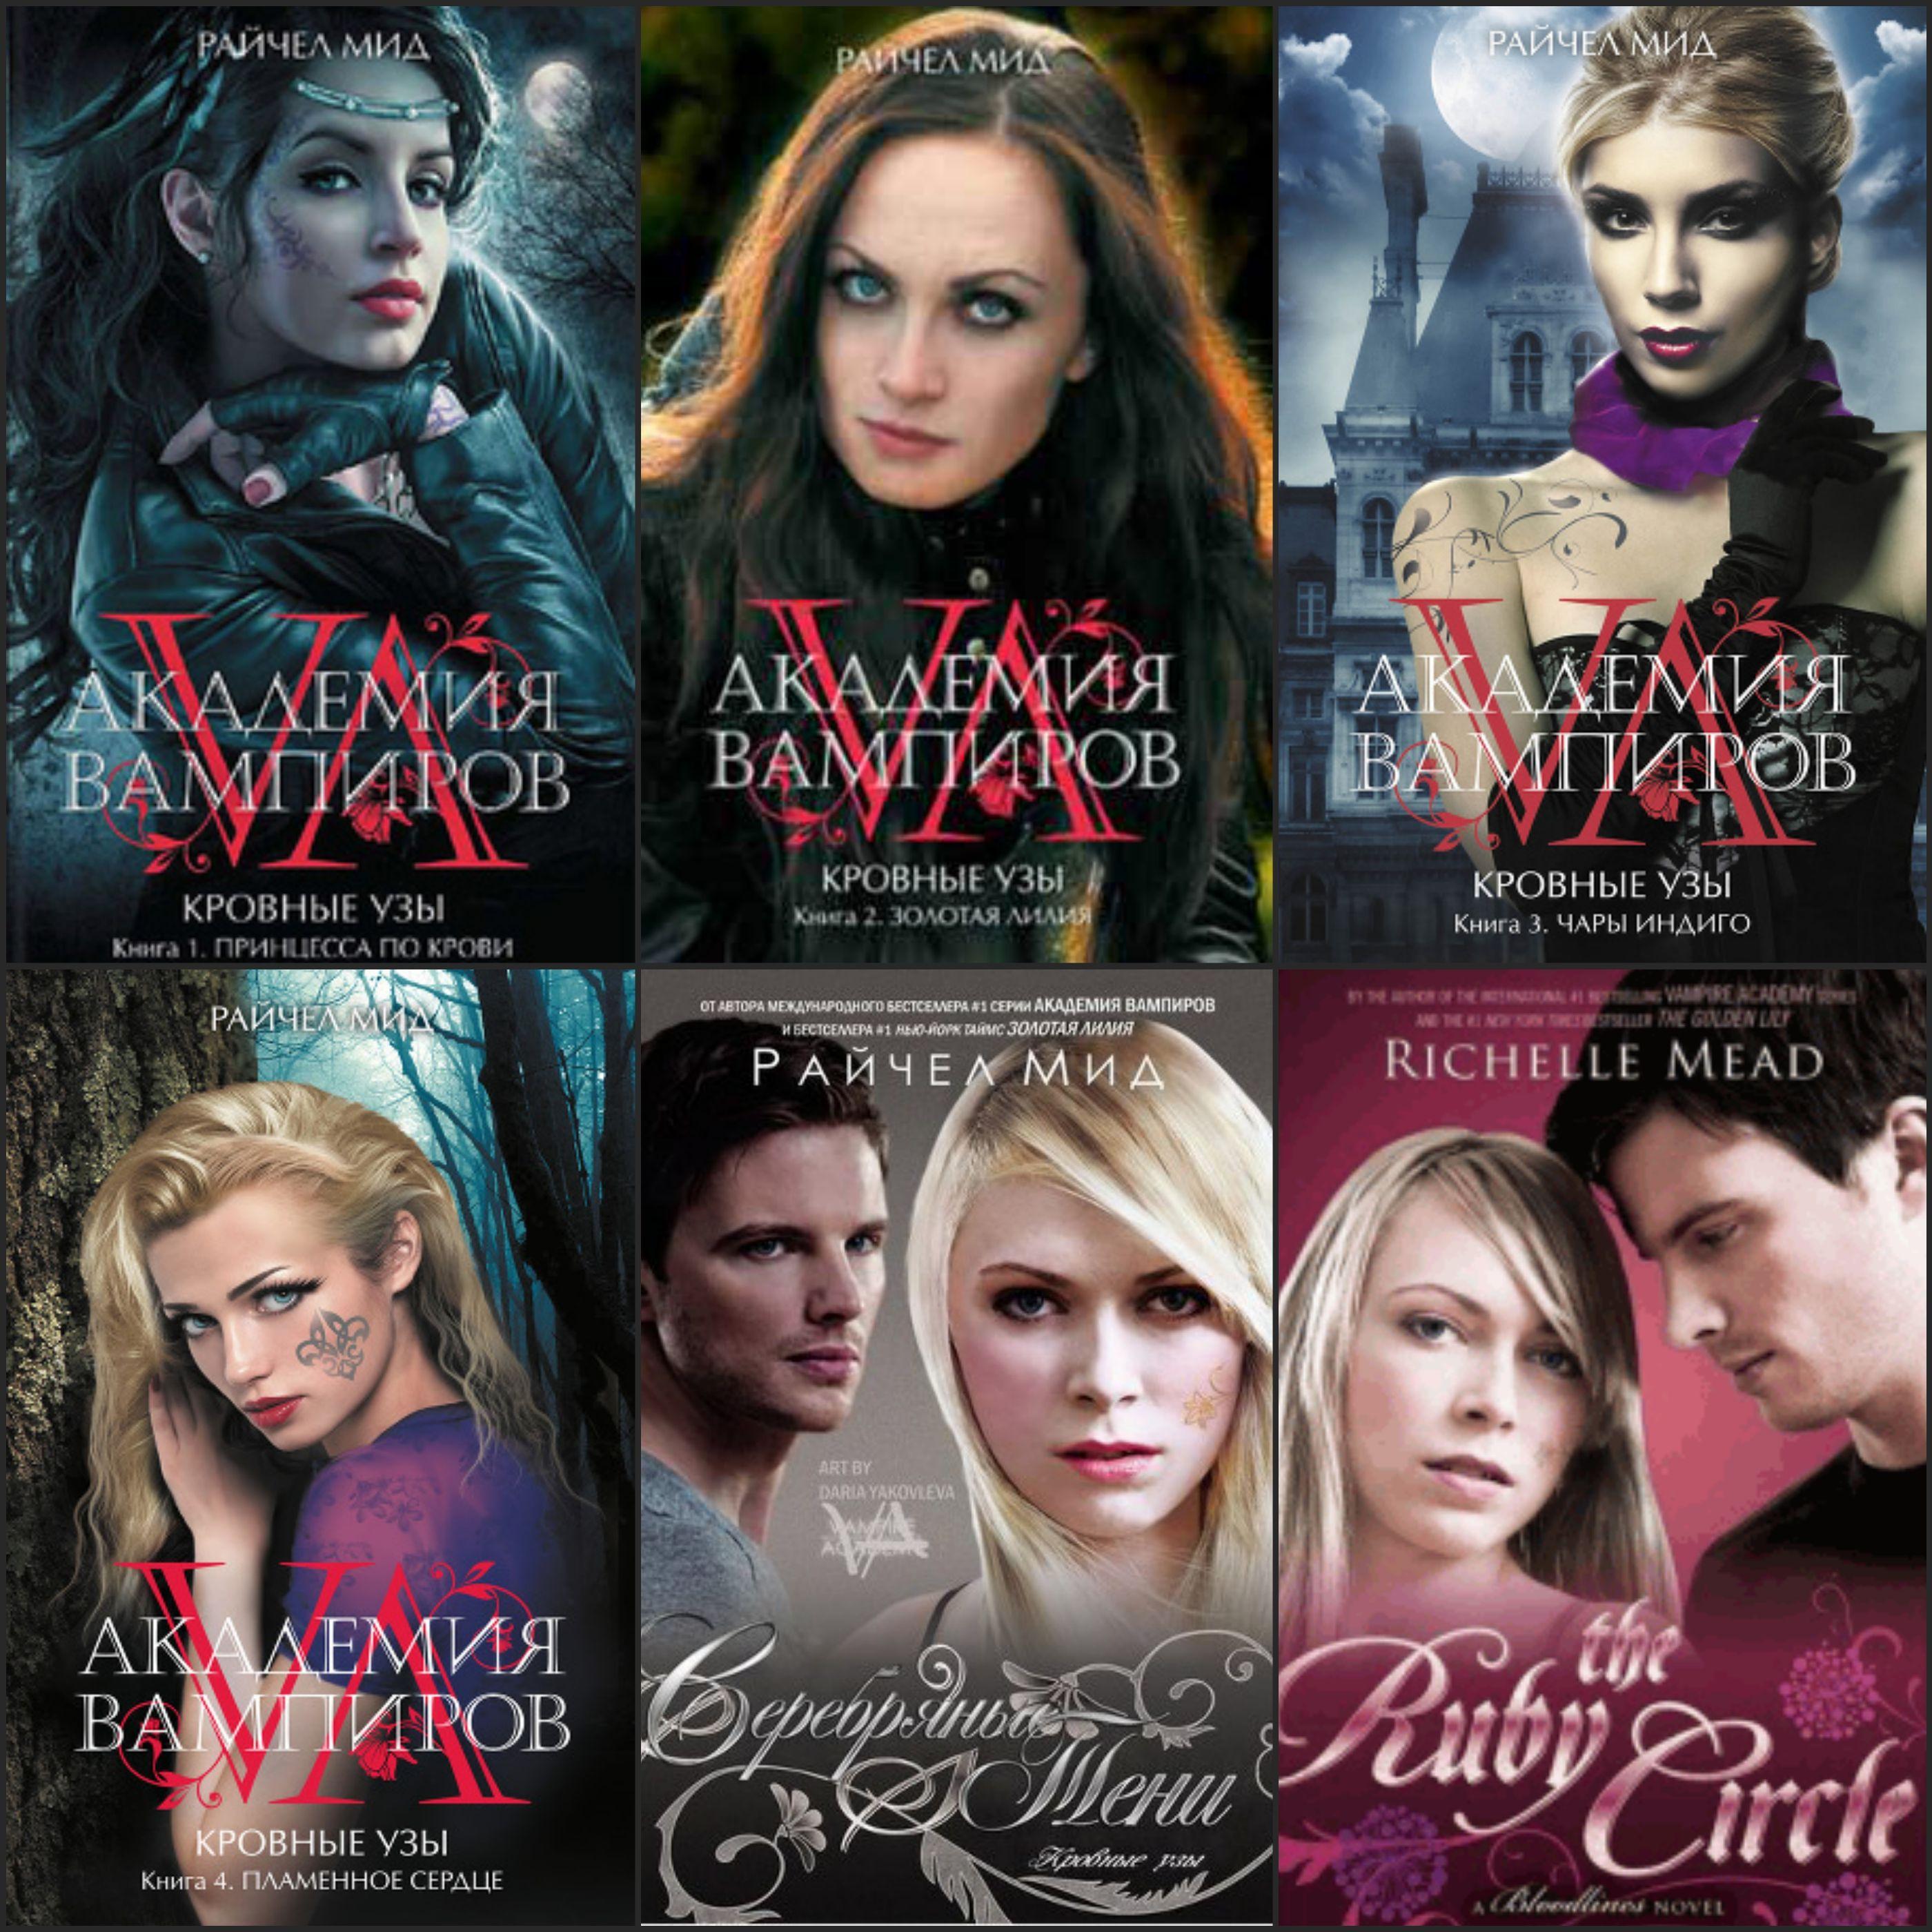 Скачать книгу академия вампиров 1 на андроид